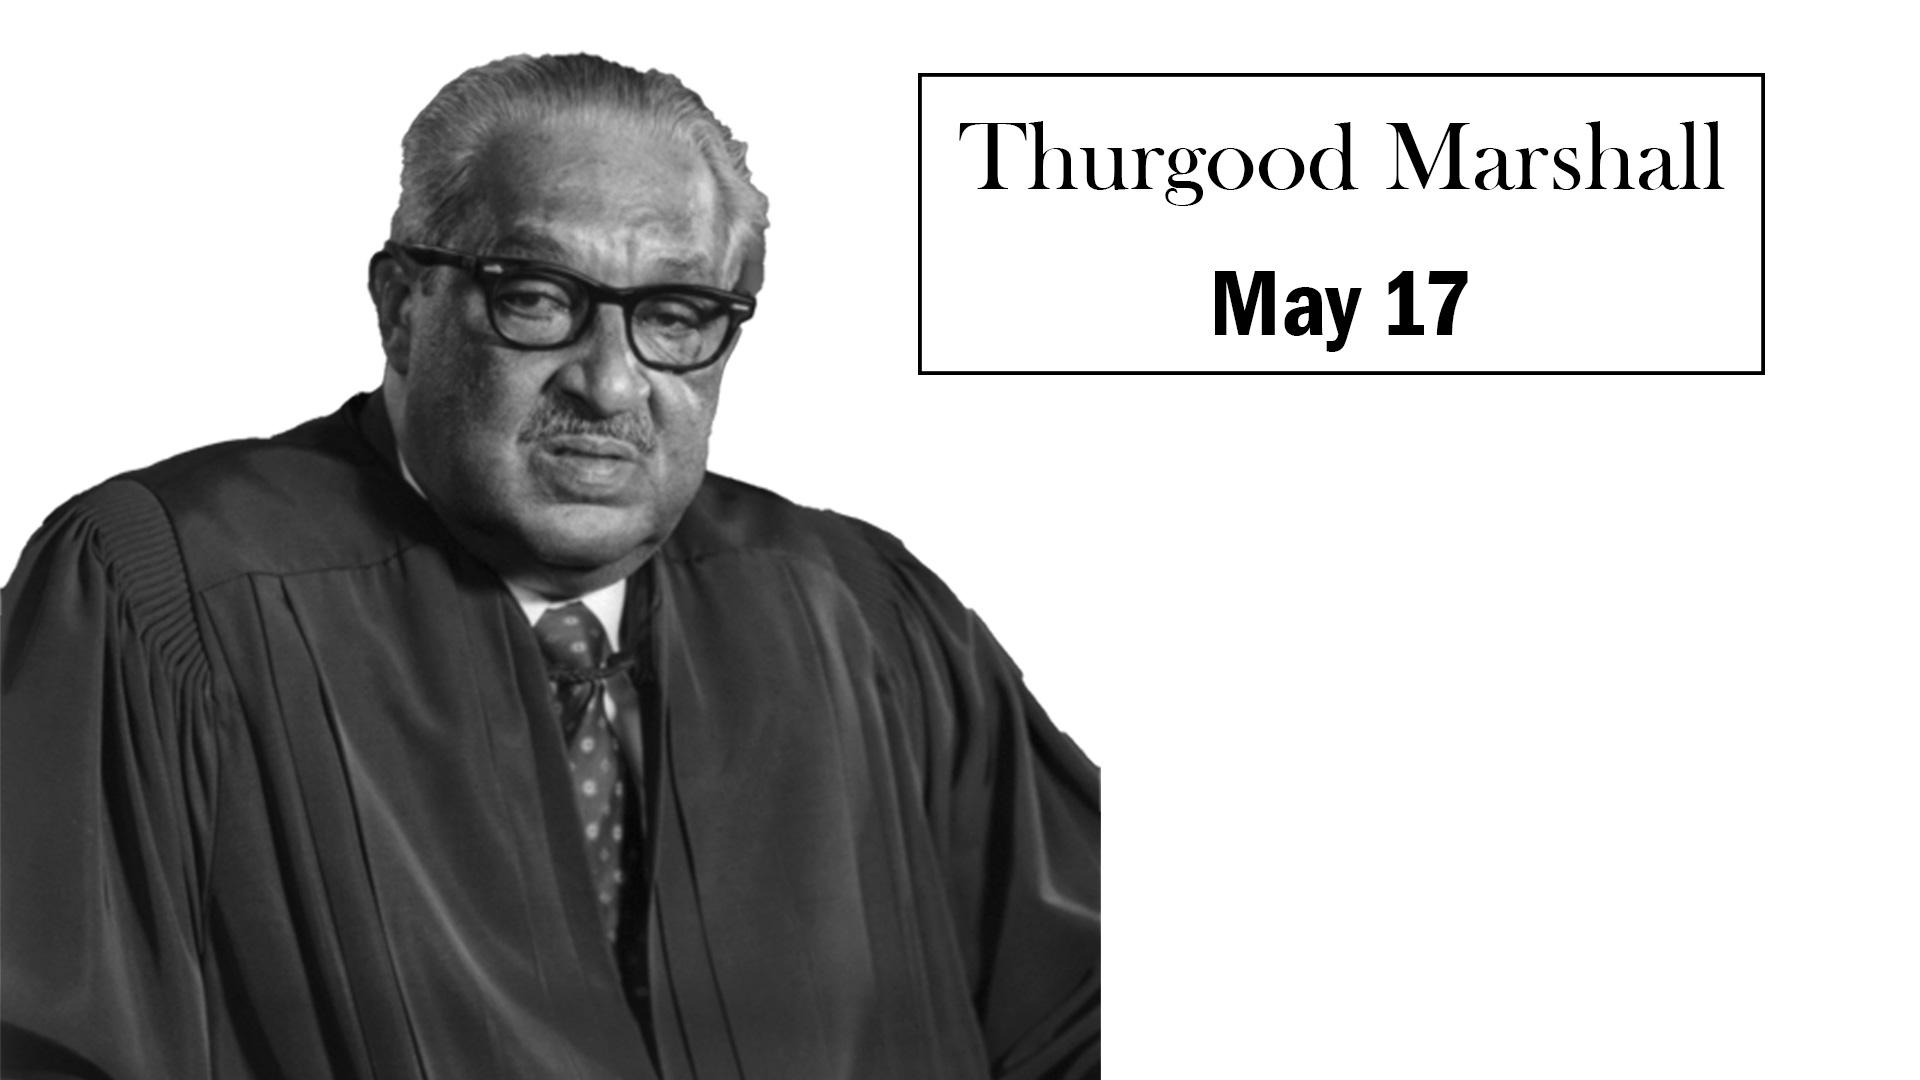 Sainthood for Justice Thurgood Marshall